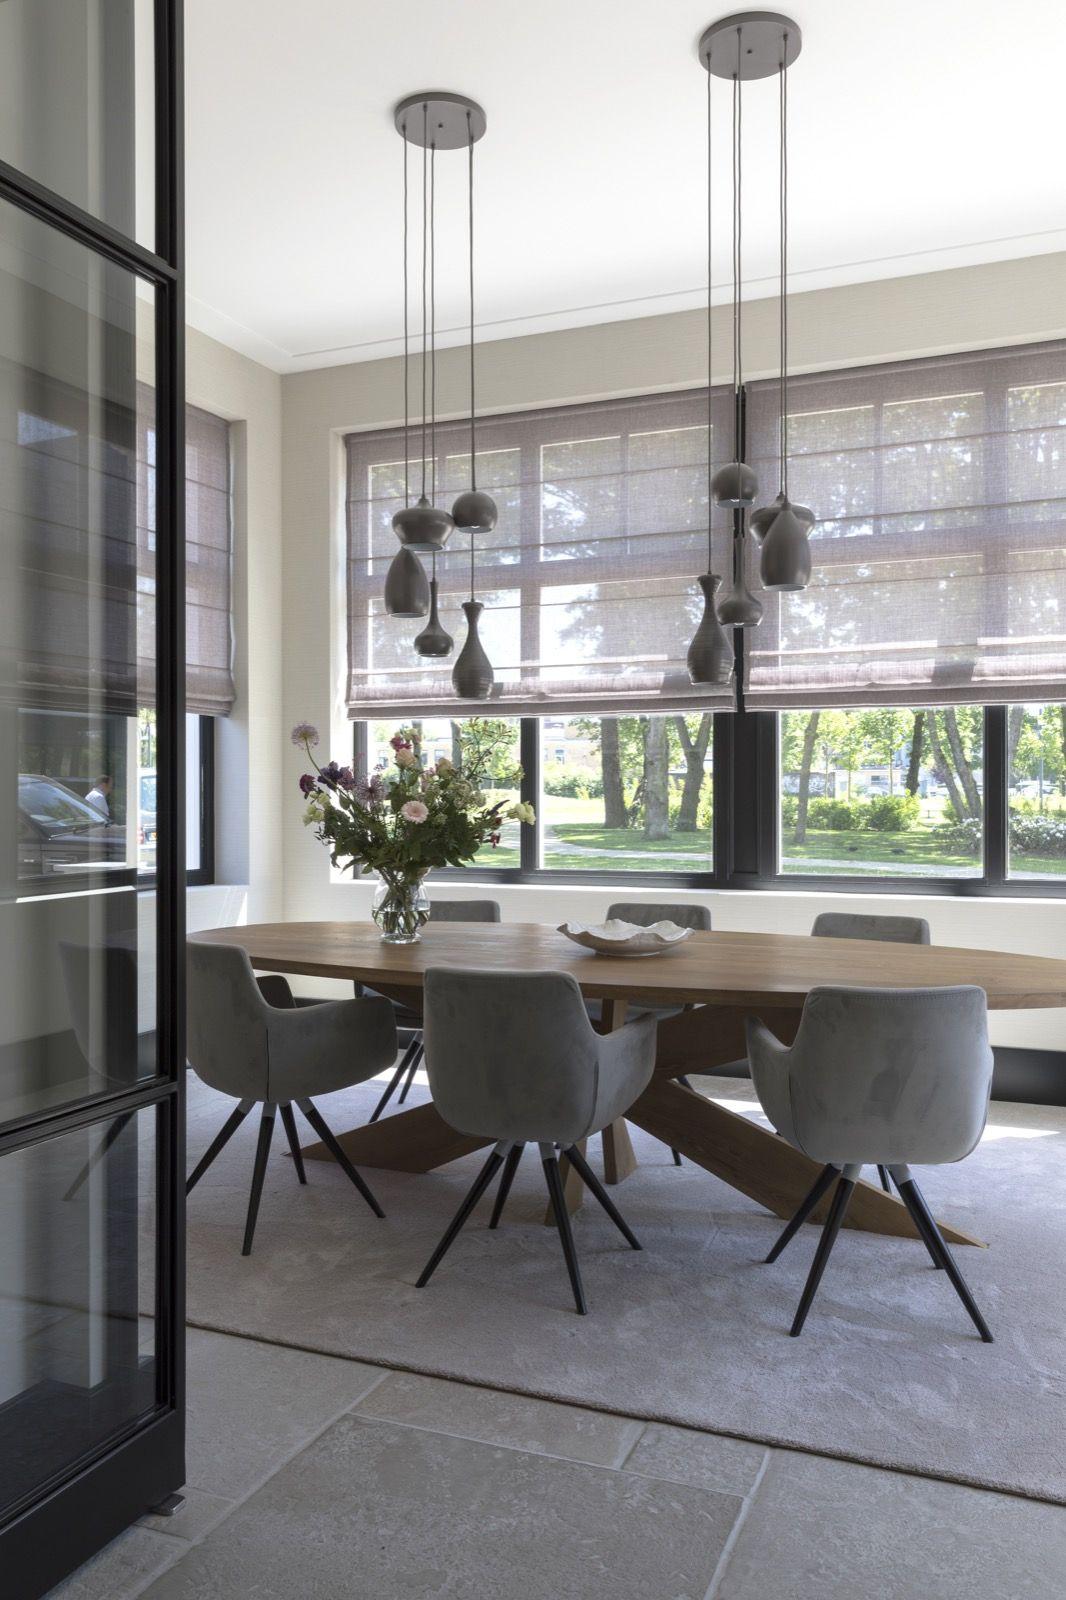 6 Persoons Eetkamer Set.Ovale Tafel Voor 6 Personen Mooie Neutrale Kleuren En Mooi Karpet